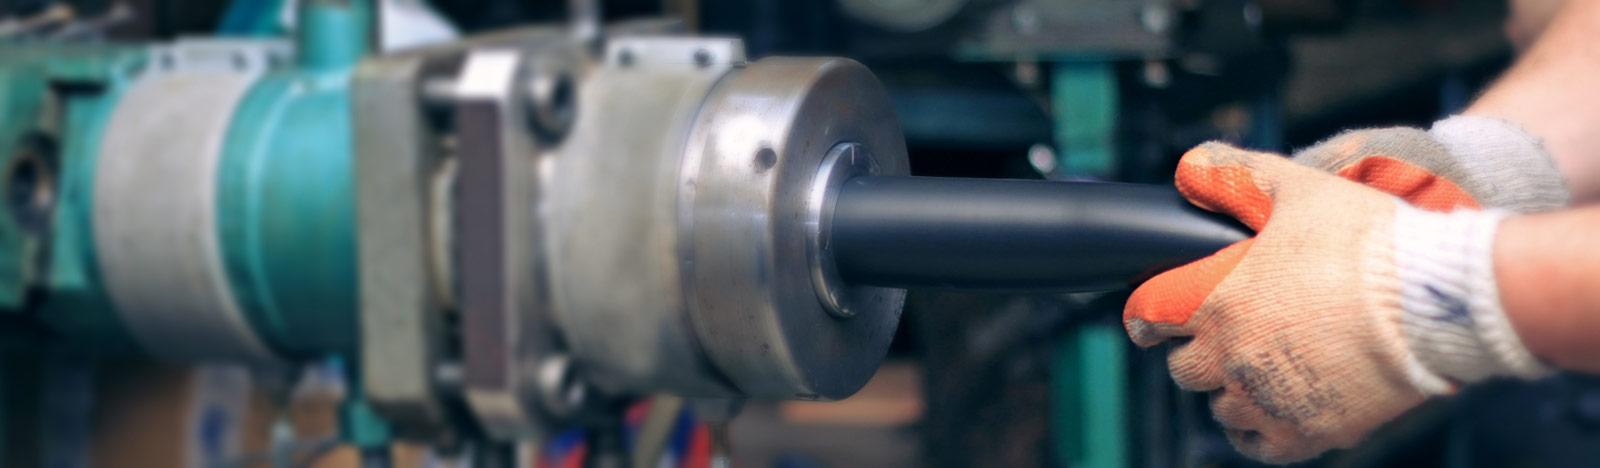 Ekstruder-za-proizvodnju-gumenih-creva-hladnjaka-i-interkulera